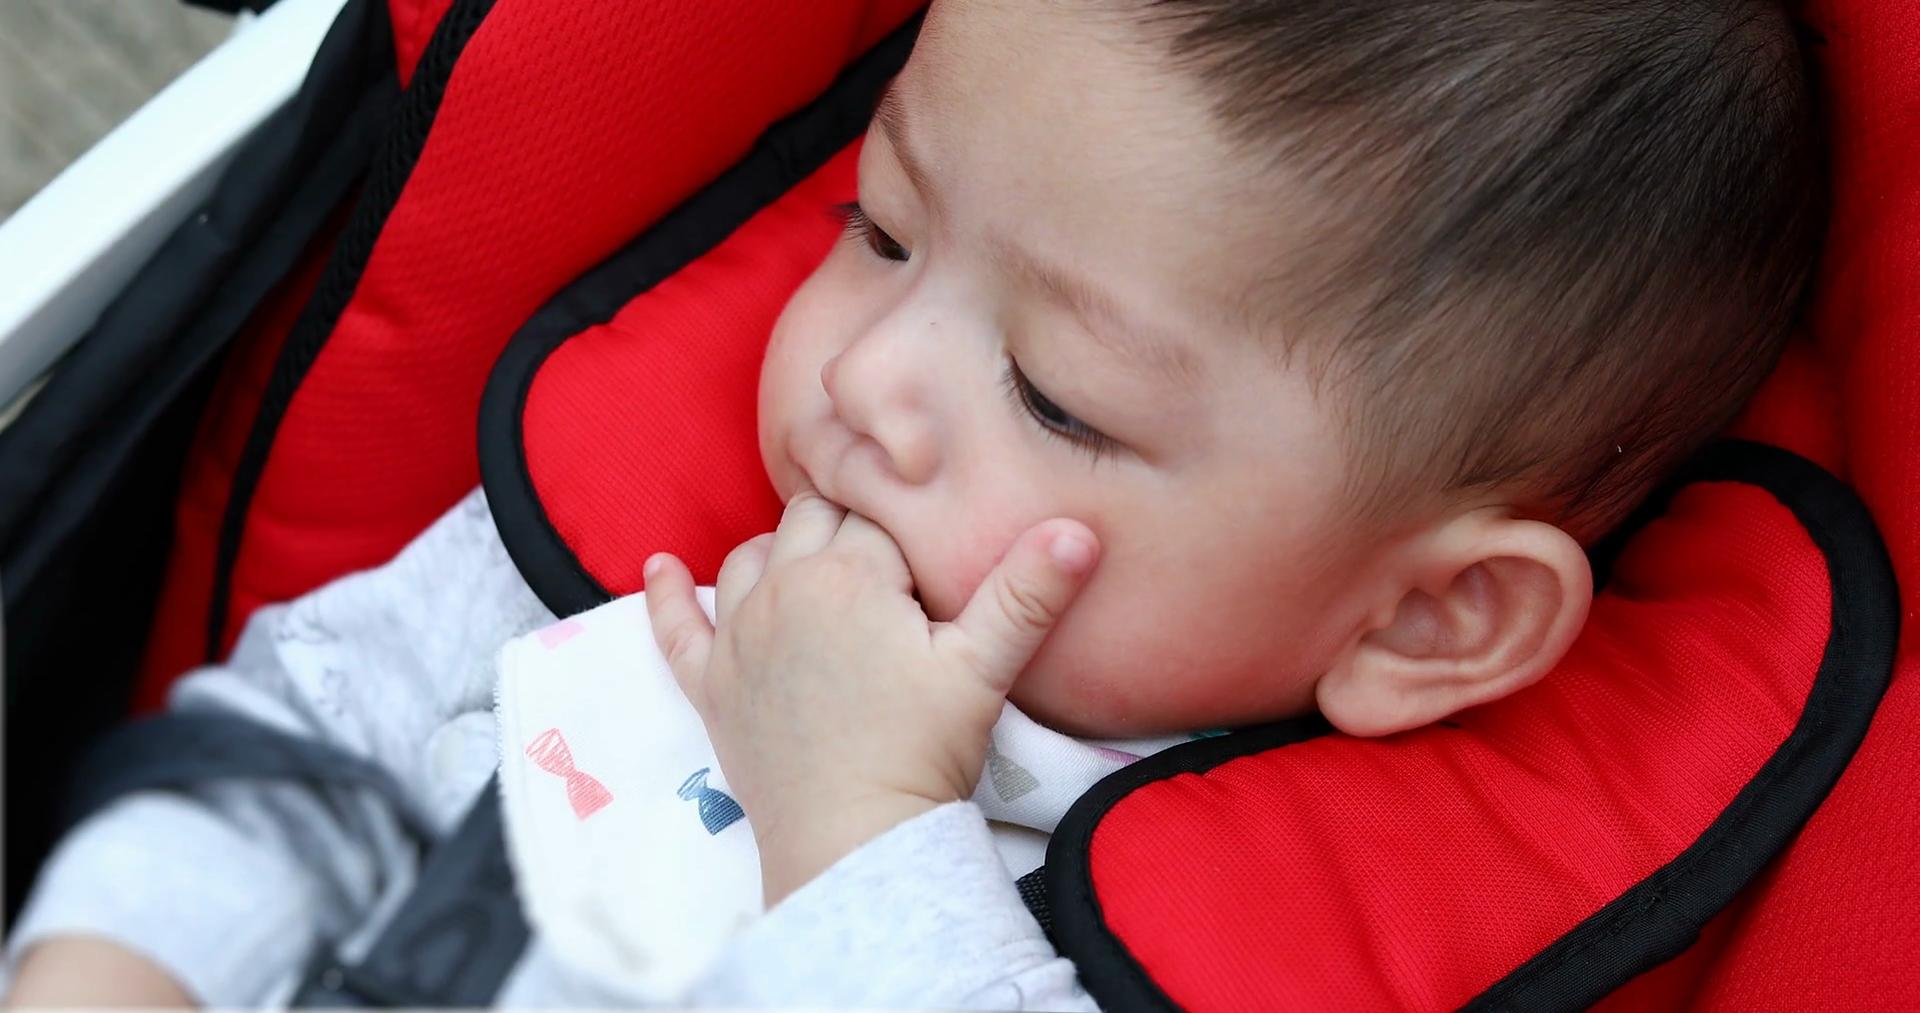 Hóa ra đây là lí do 10 bé thì cả 10 đều thích mút tay, mọc răng chỉ là một trong số rất nhiều nguyên nhân - Ảnh 2